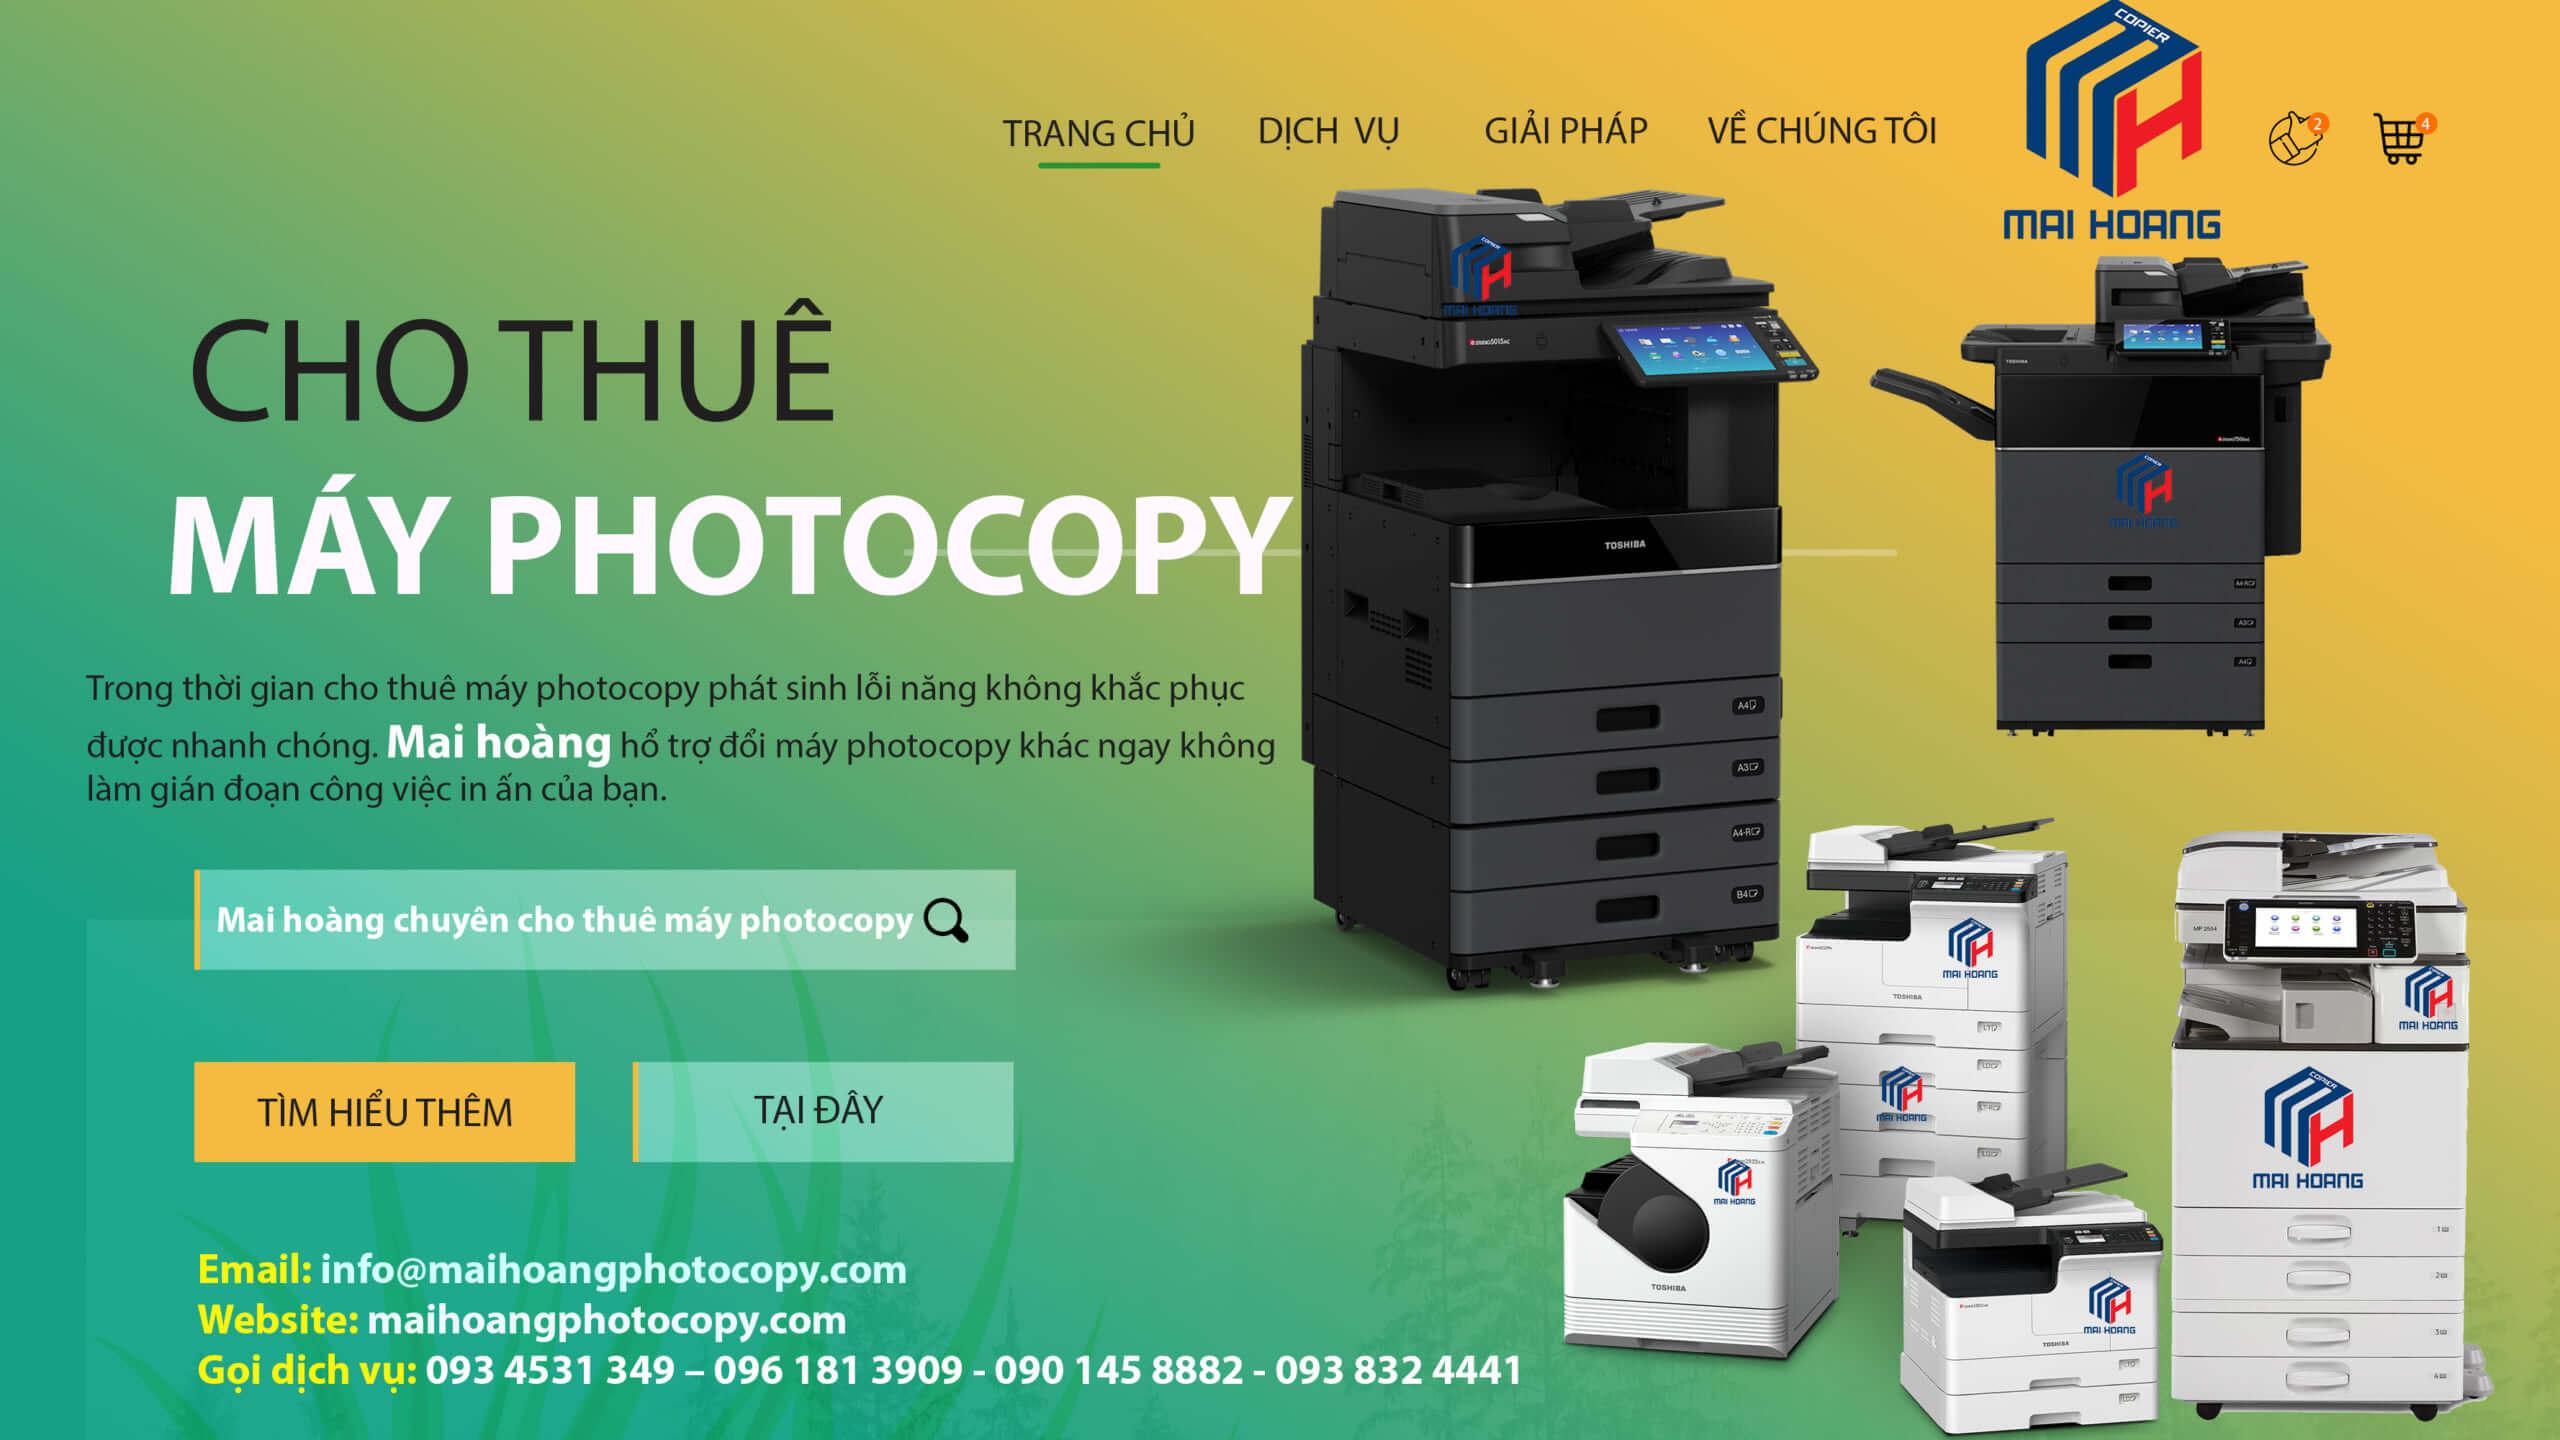 Bảng giá Dịch vụ cho thuê máy Photocopy ở Khu Công Nghiệp Tân Bửu - Phúc Long